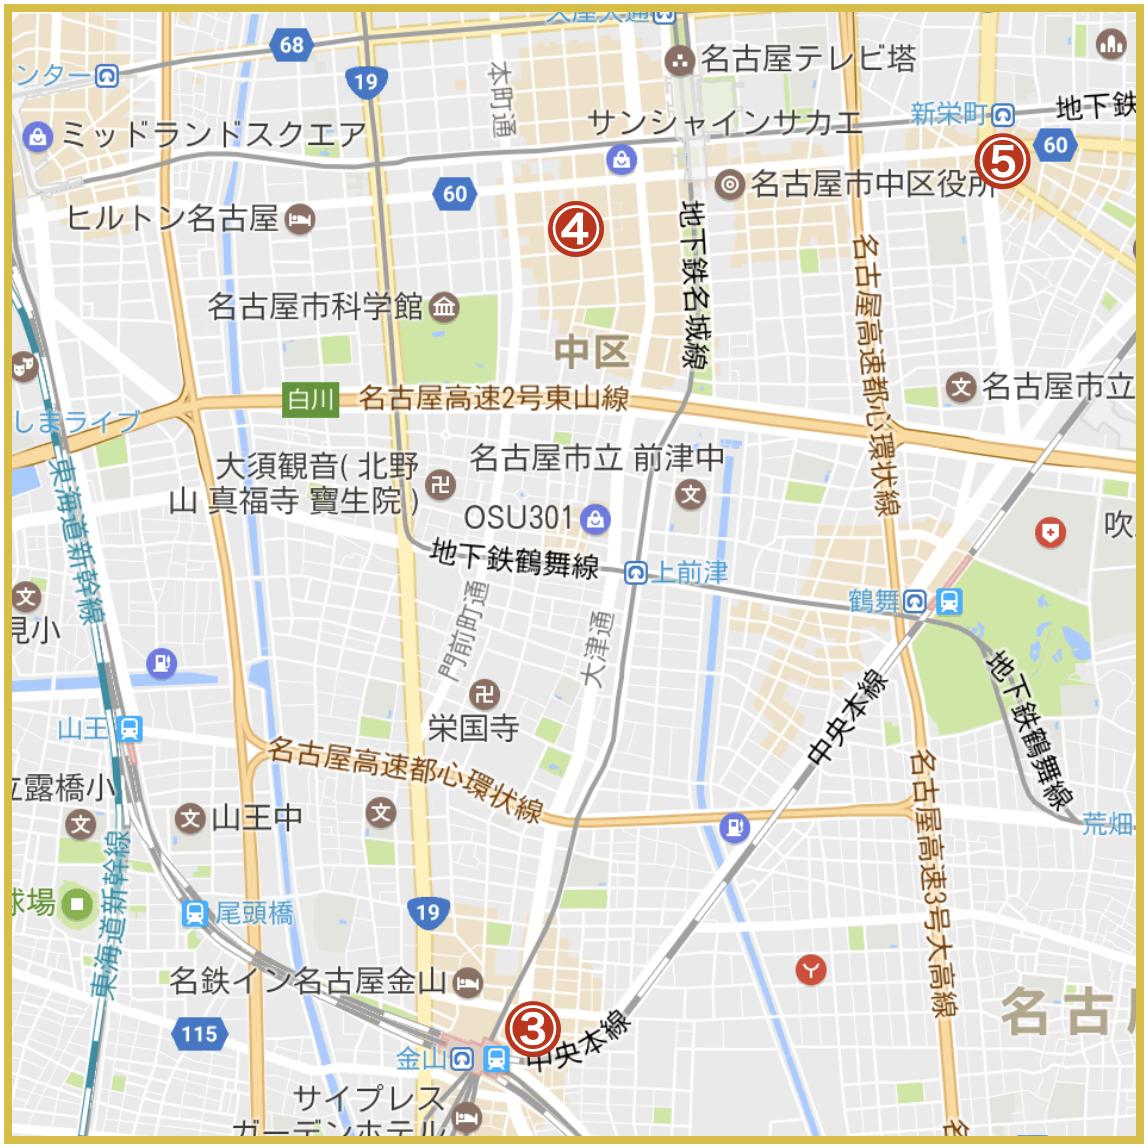 名古屋市中区にあるアイフル店舗・ATMの位置(2020年版)